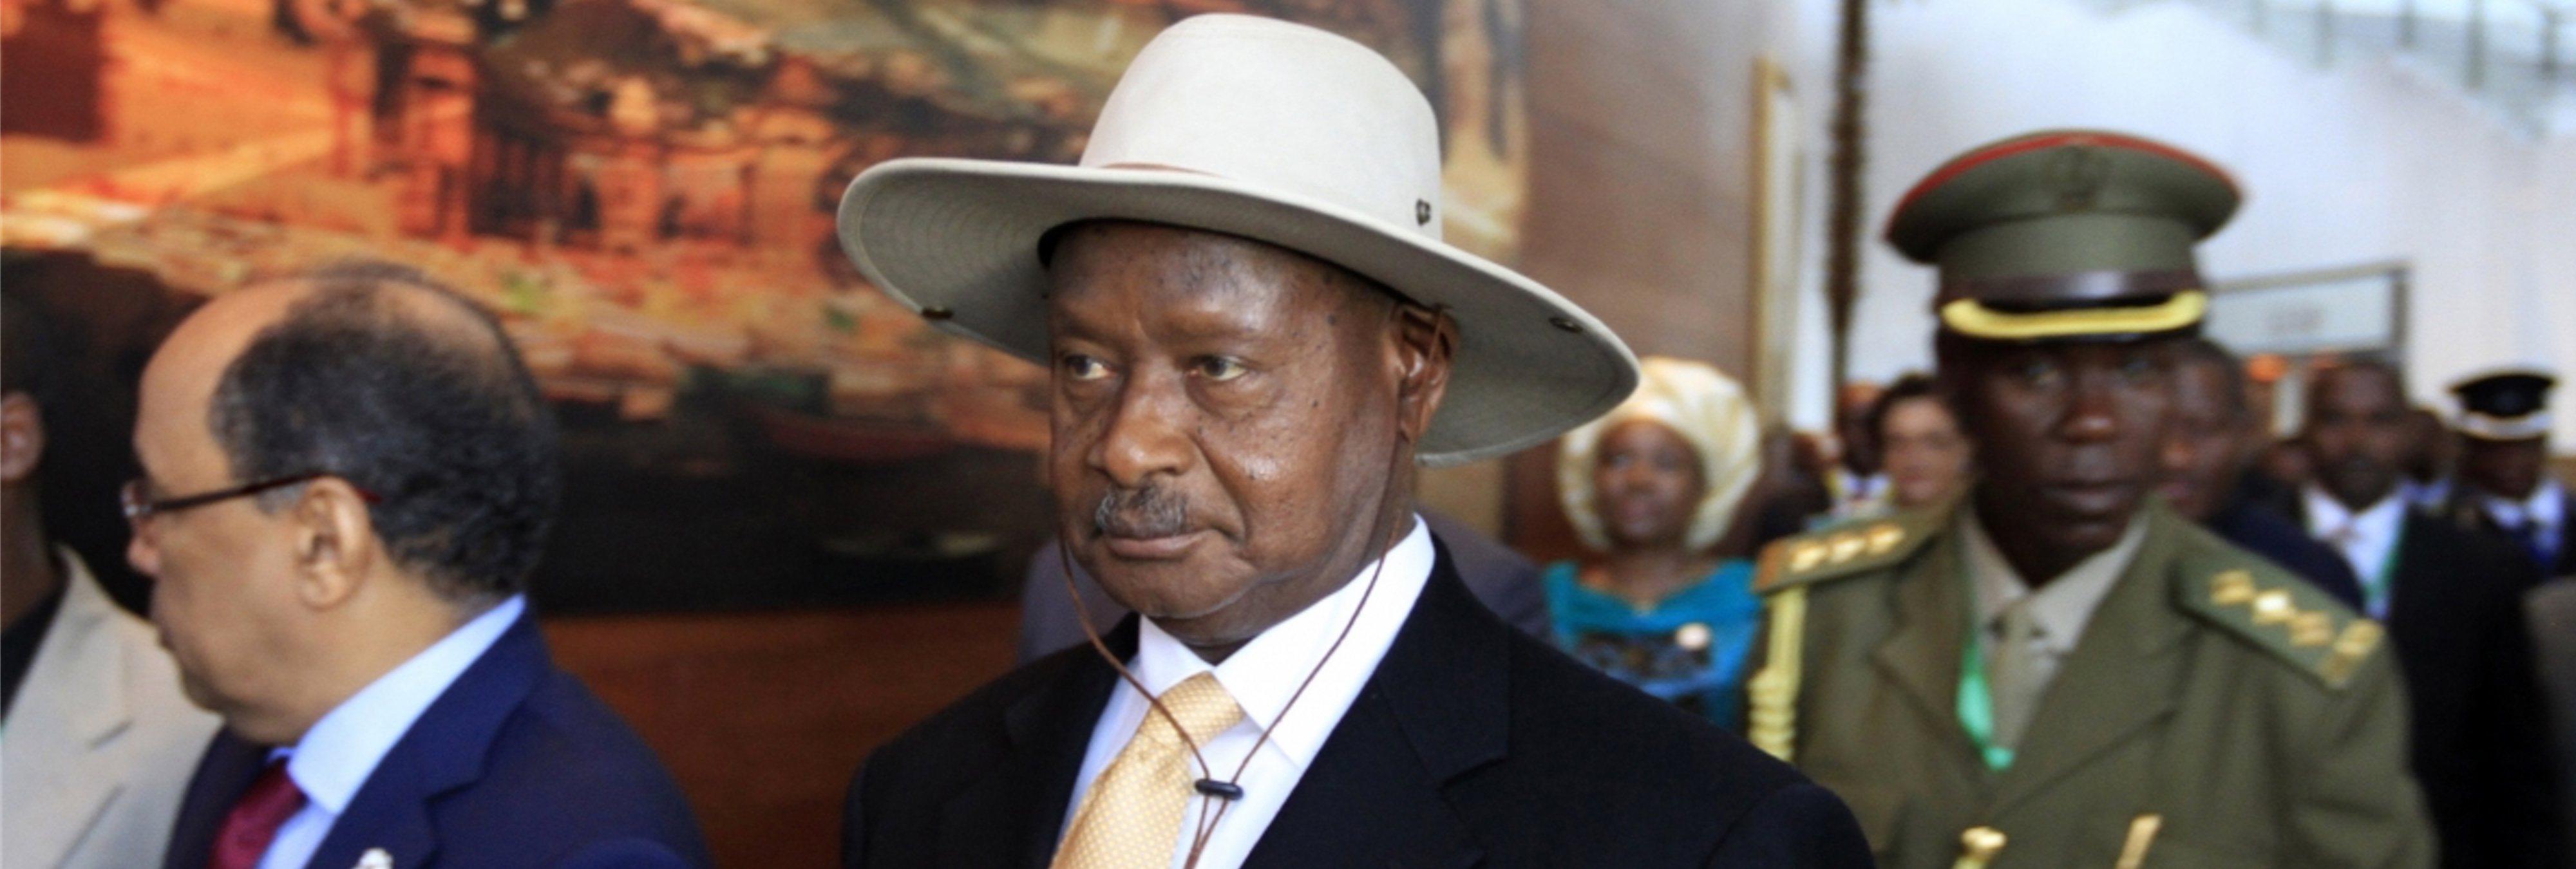 """El presidente de Uganda quiere prohibir el sexo oral: """"La boca es para comer"""""""